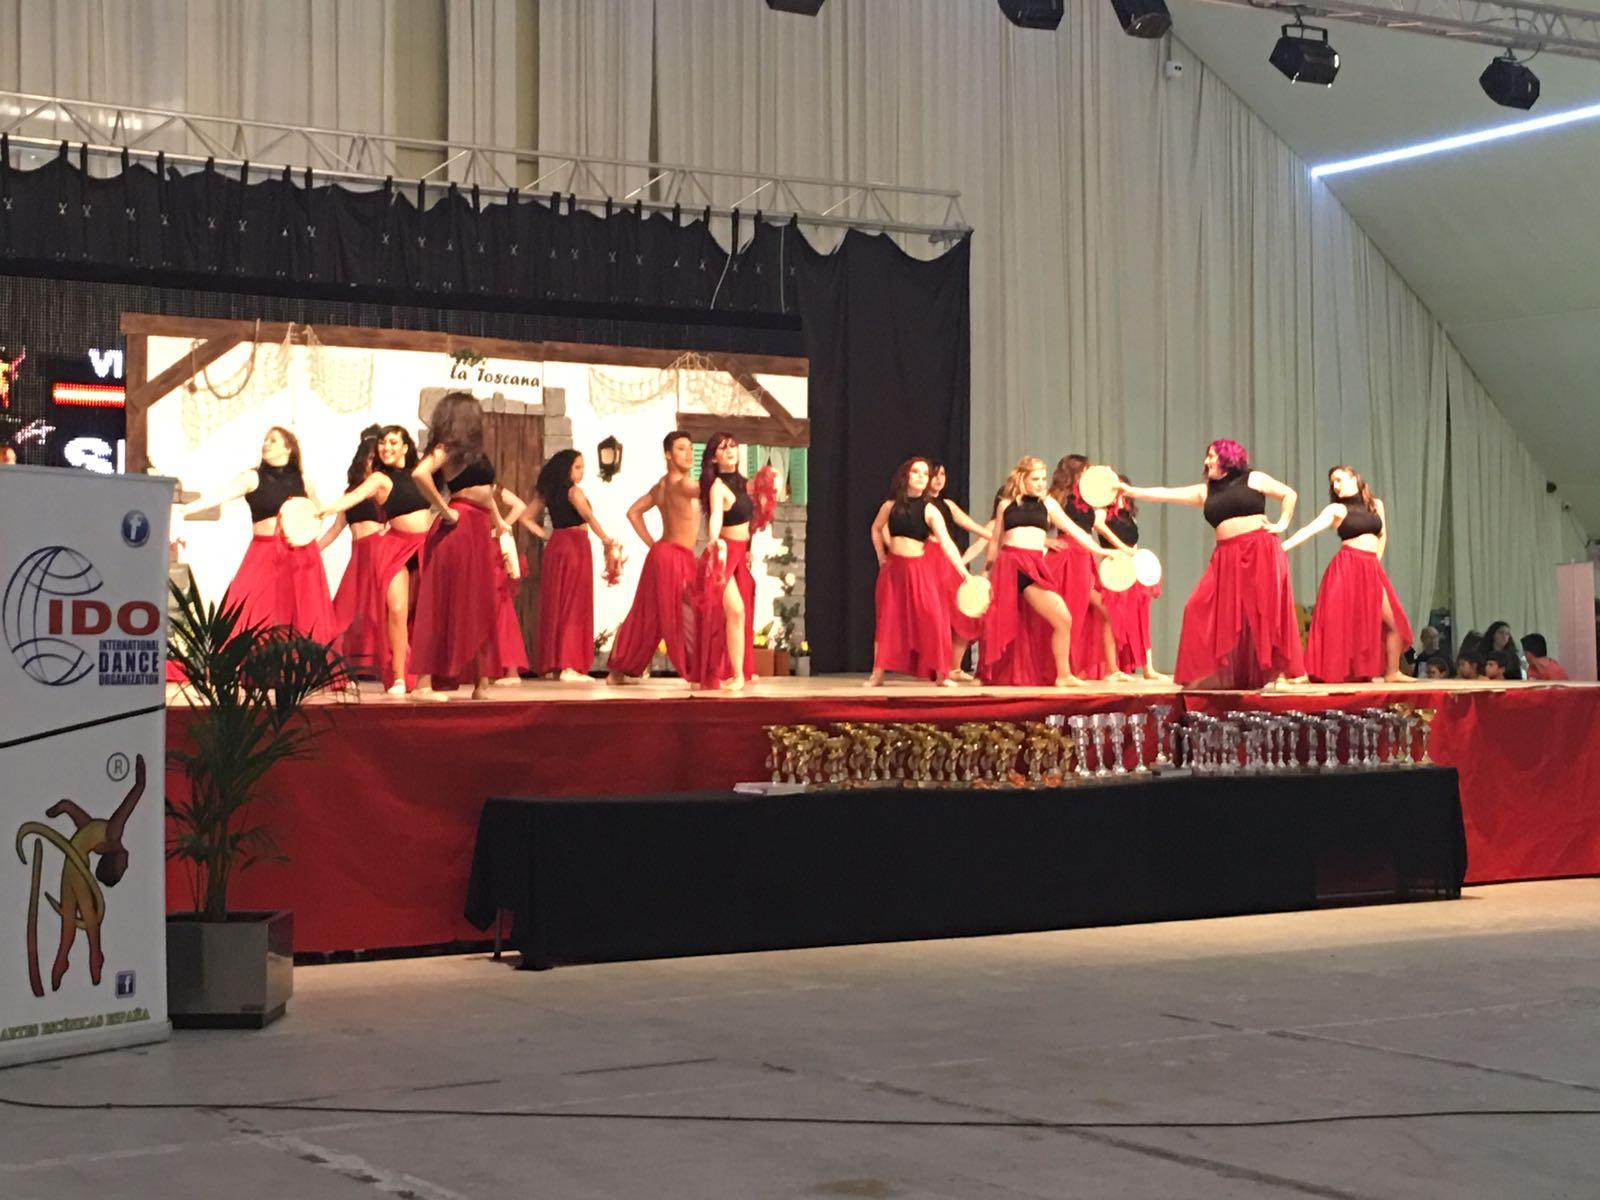 escuela-danza-lia-bailarinas-representando